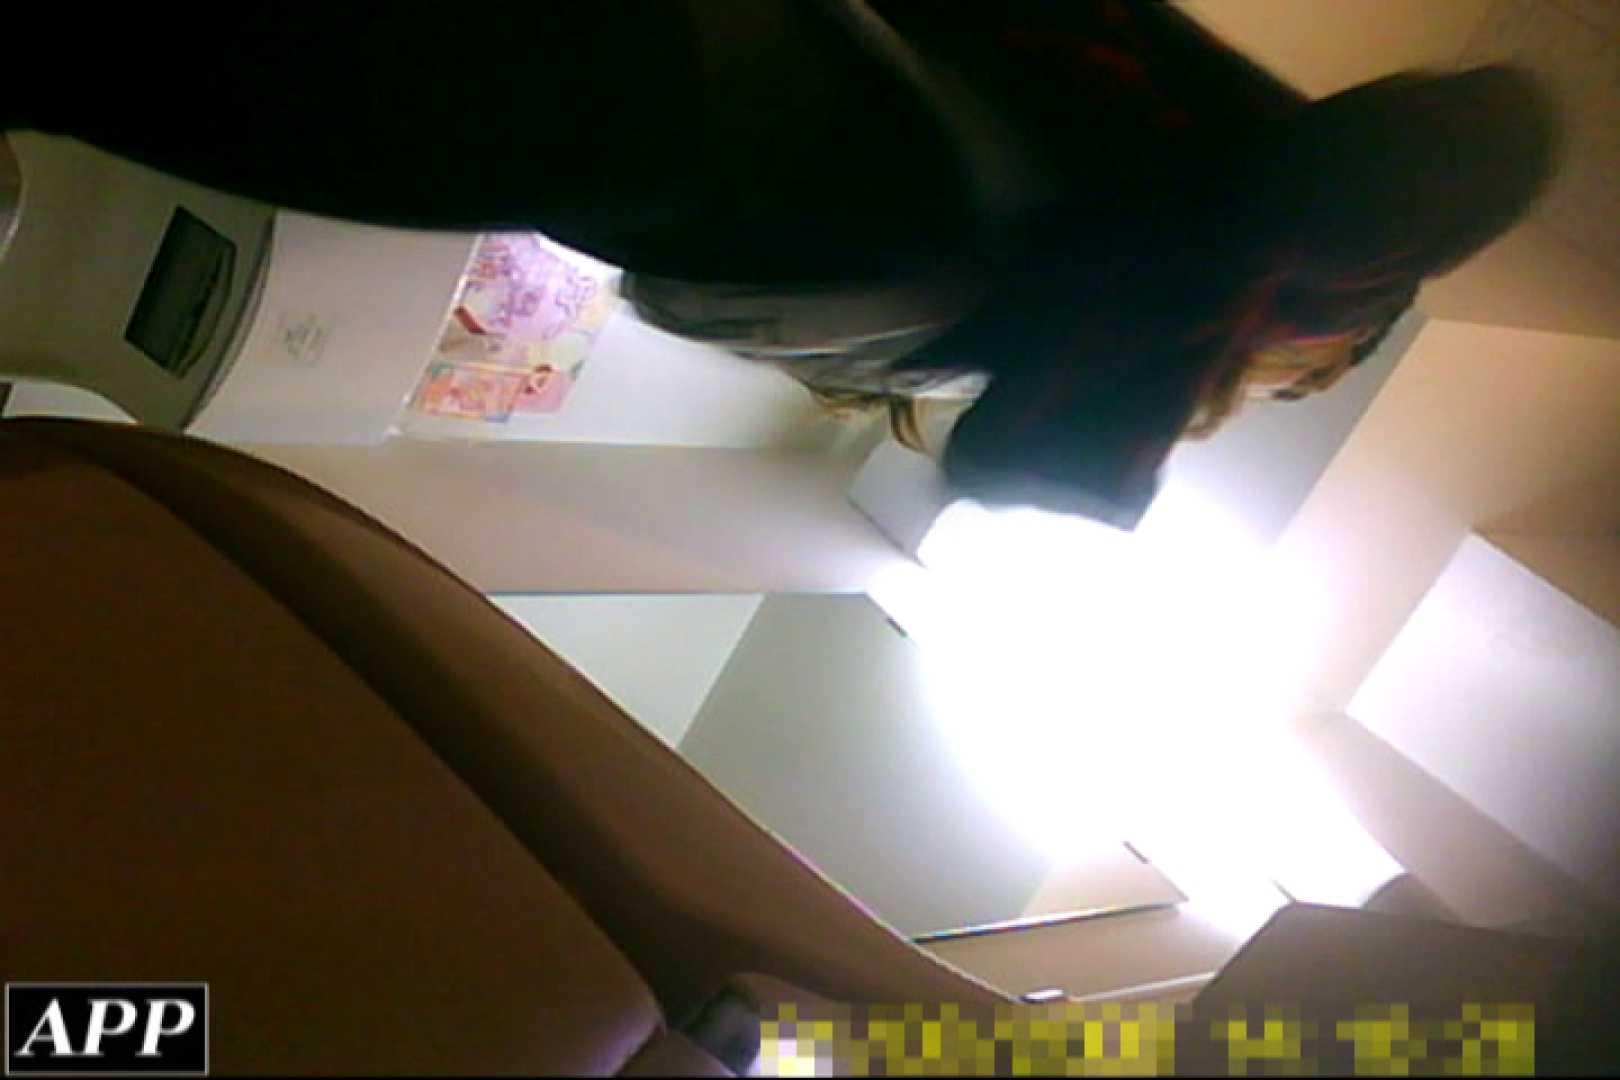 3視点洗面所 vol.04 オマンコ・ぱっくり AV無料動画キャプチャ 89画像 86